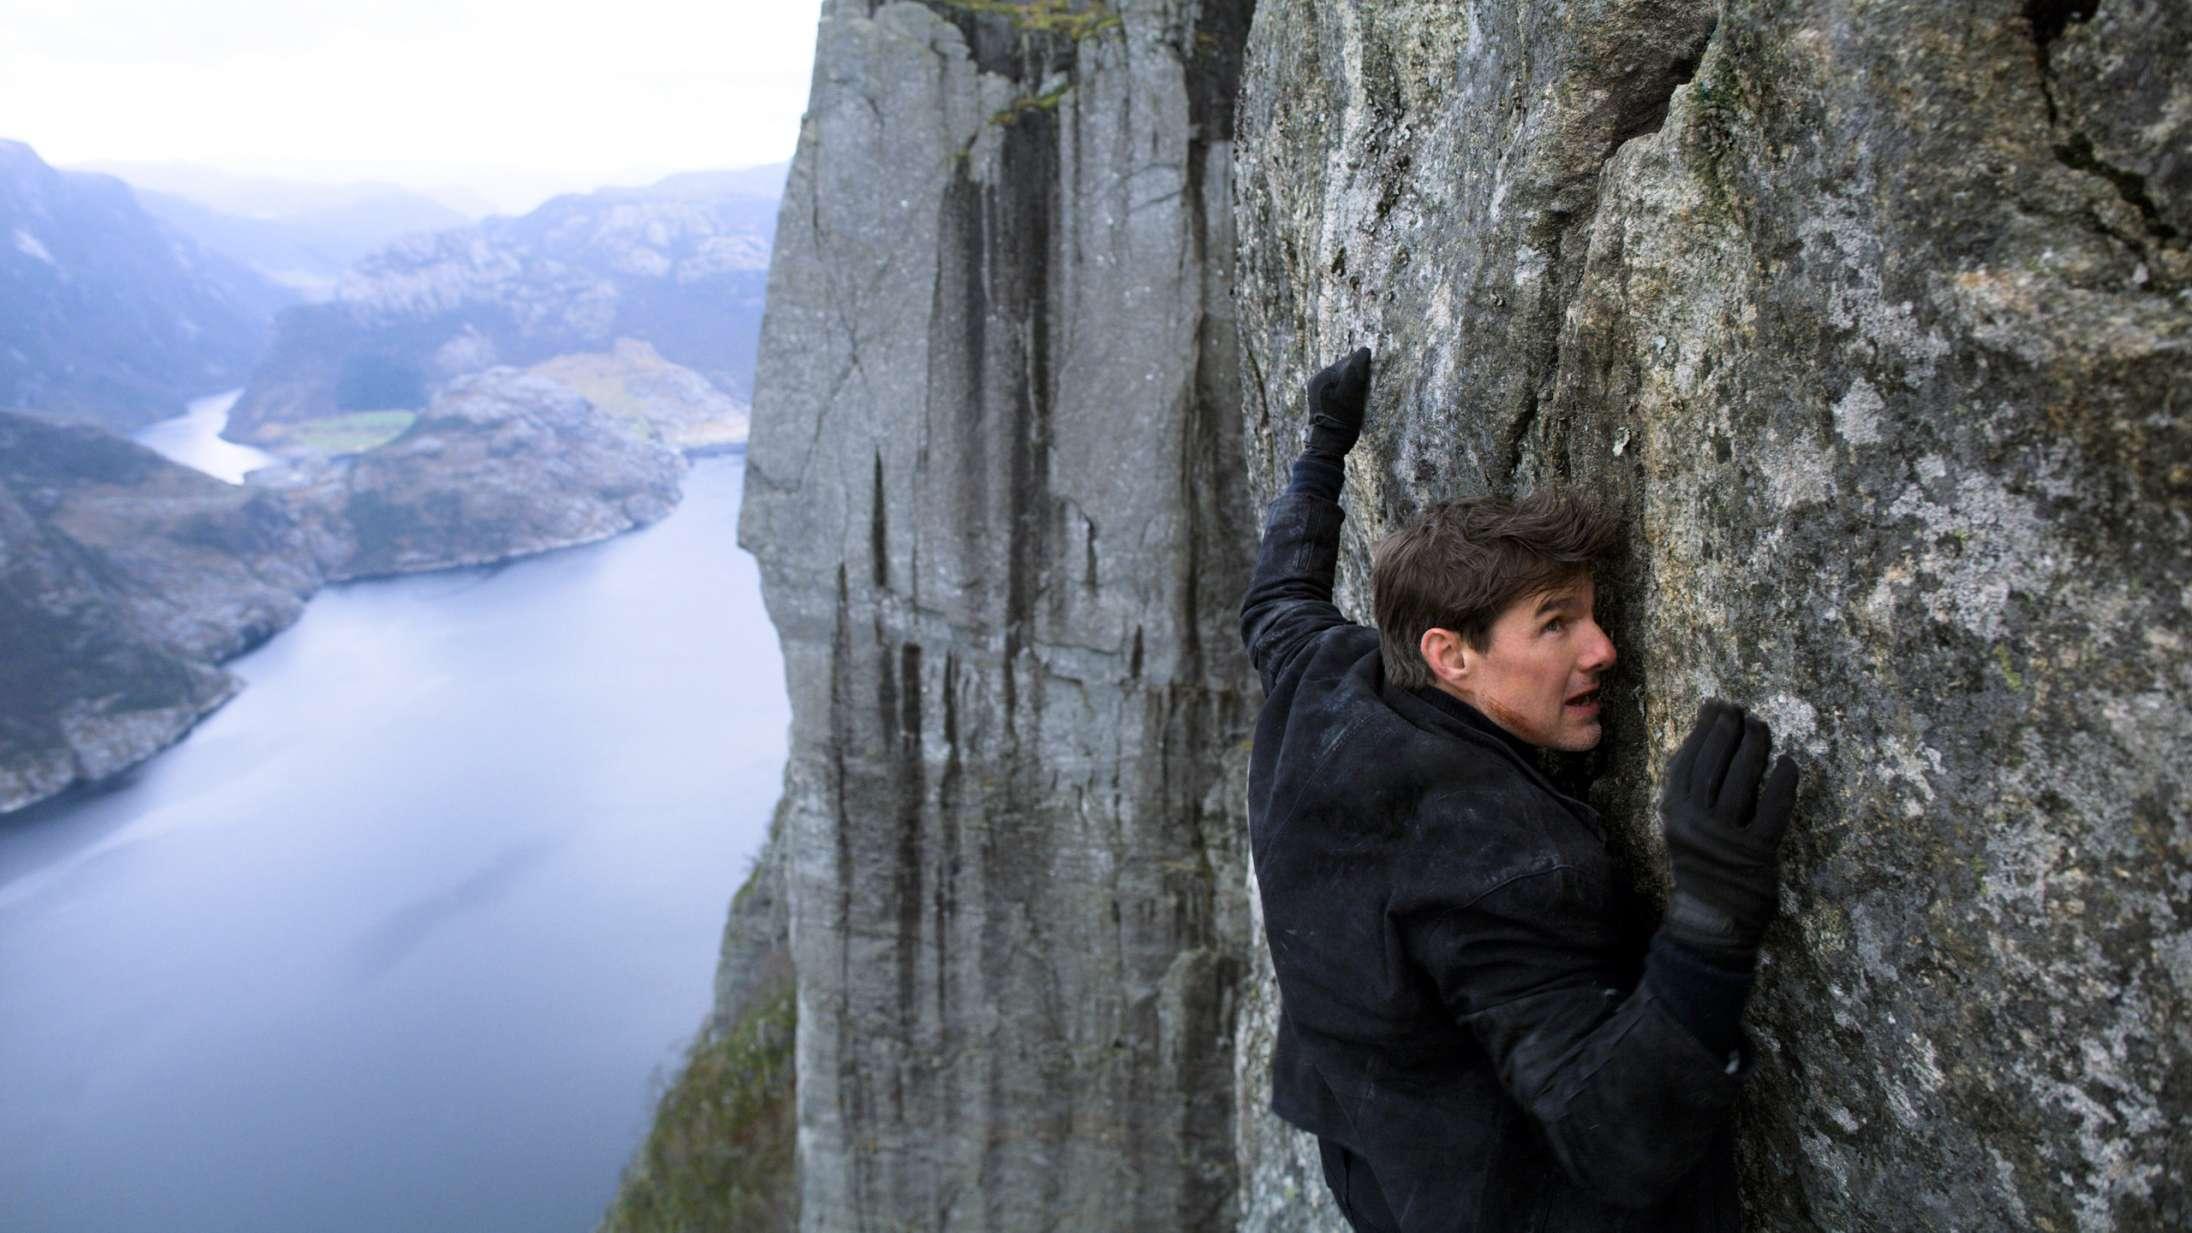 Ny stor streamingtjeneste i Danmark hænger på en klippevæg med det yderste af neglene